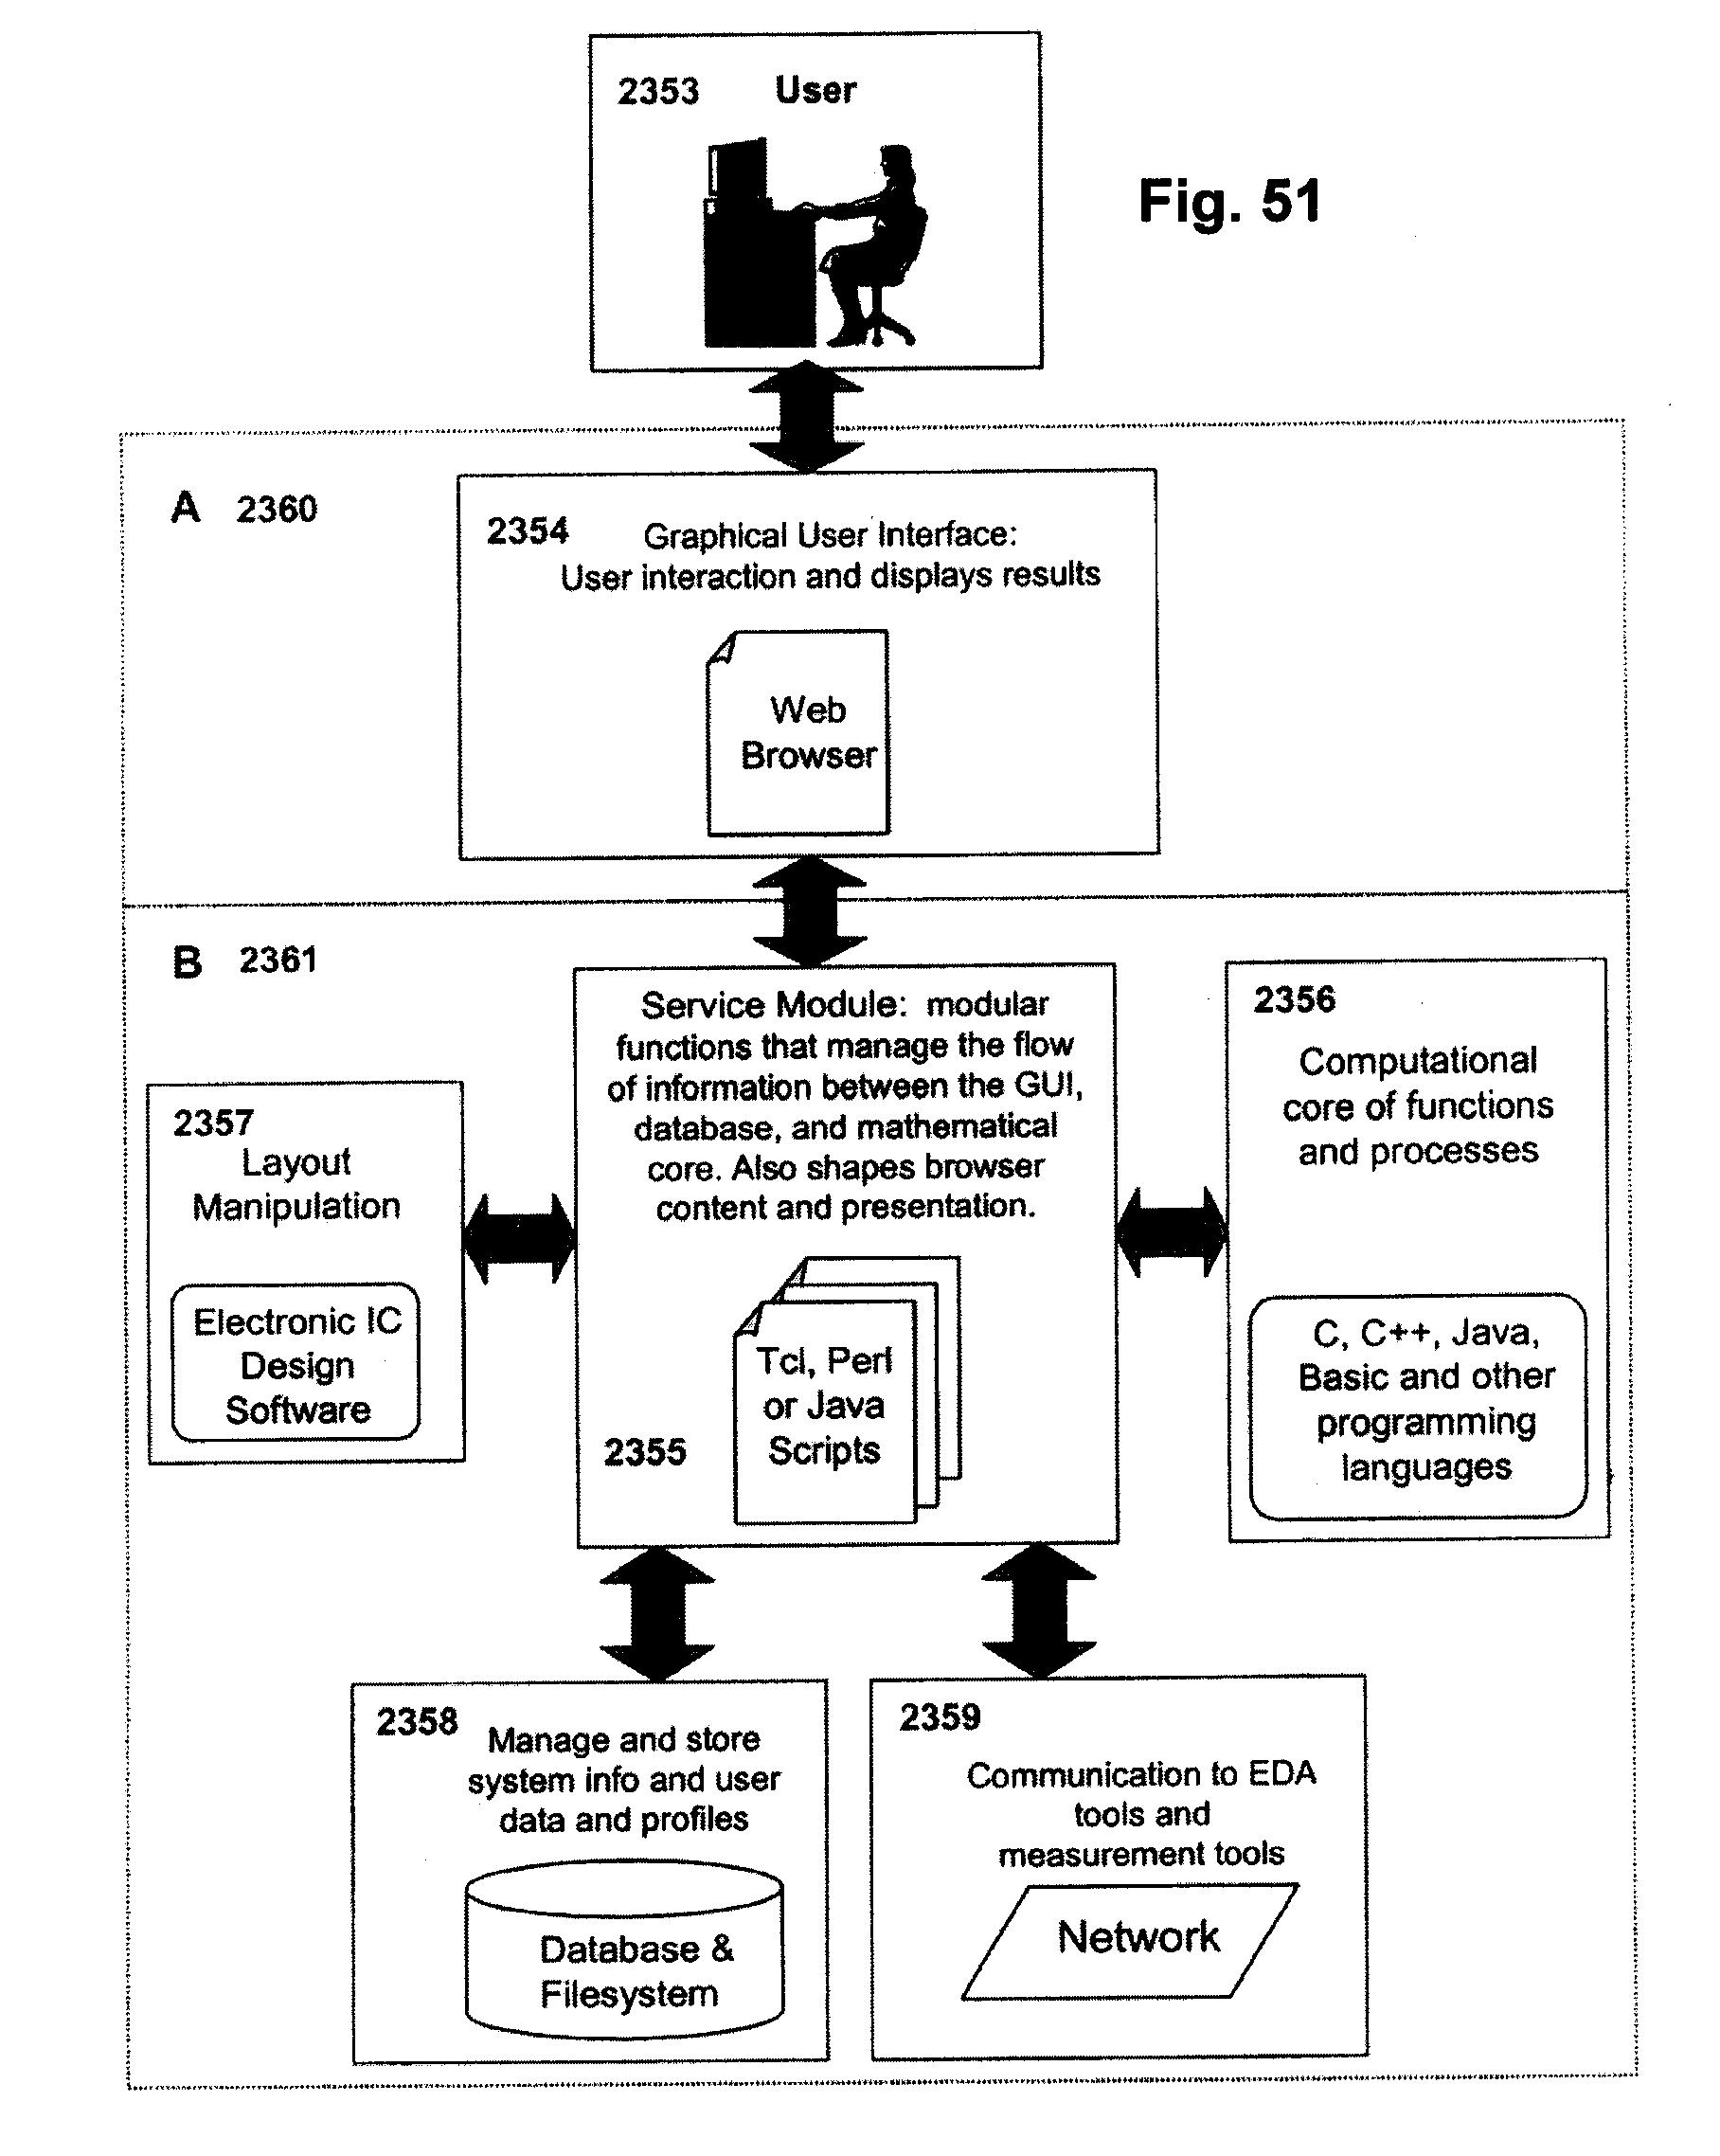 brevet us20080216027